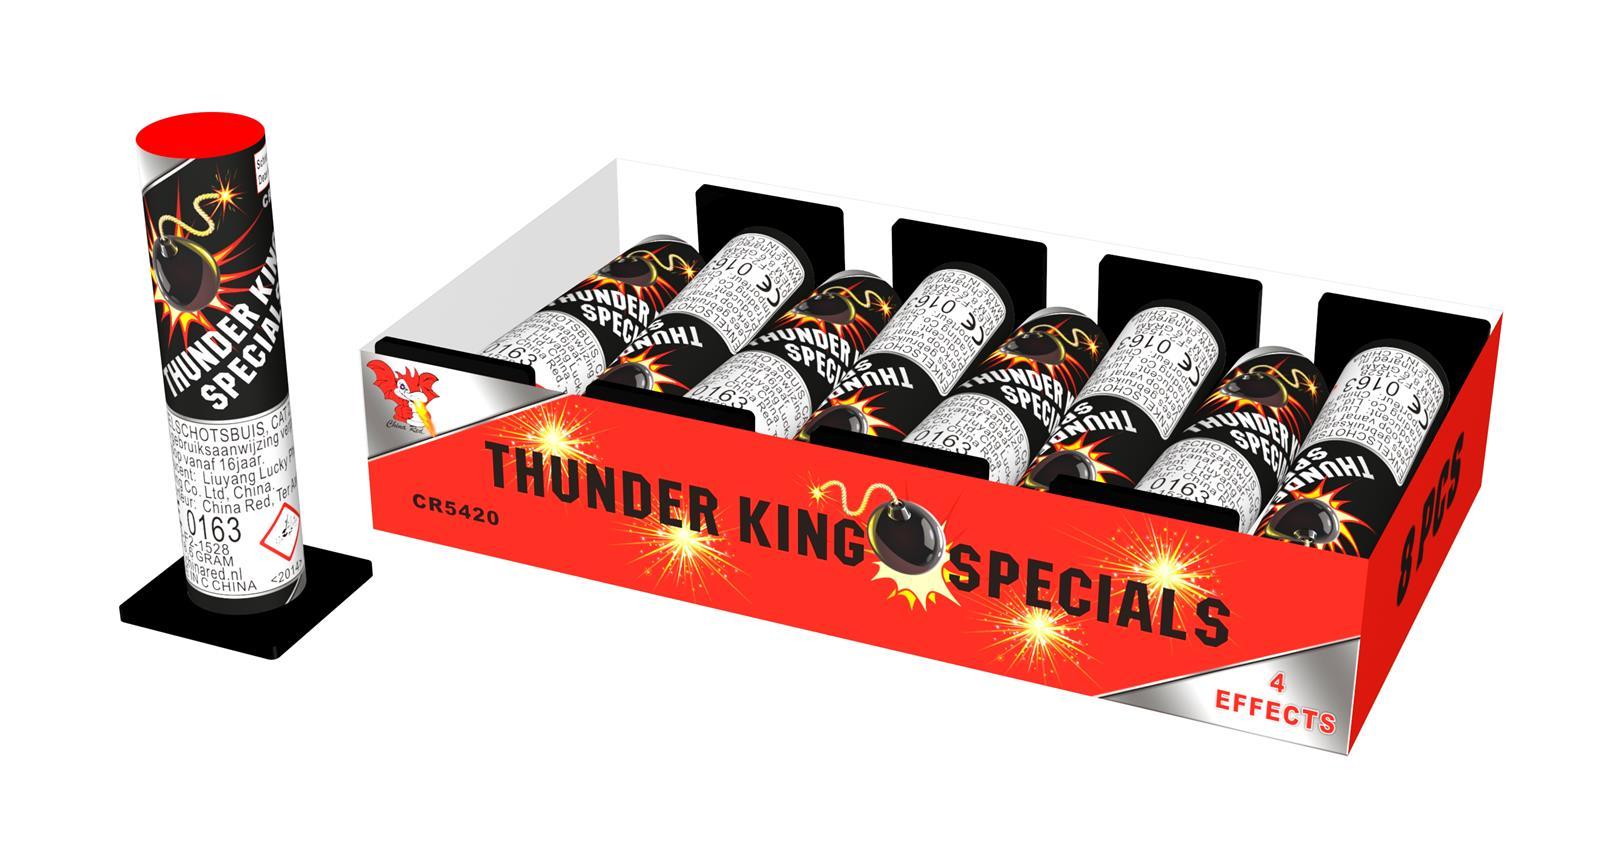 Thunder King Specials